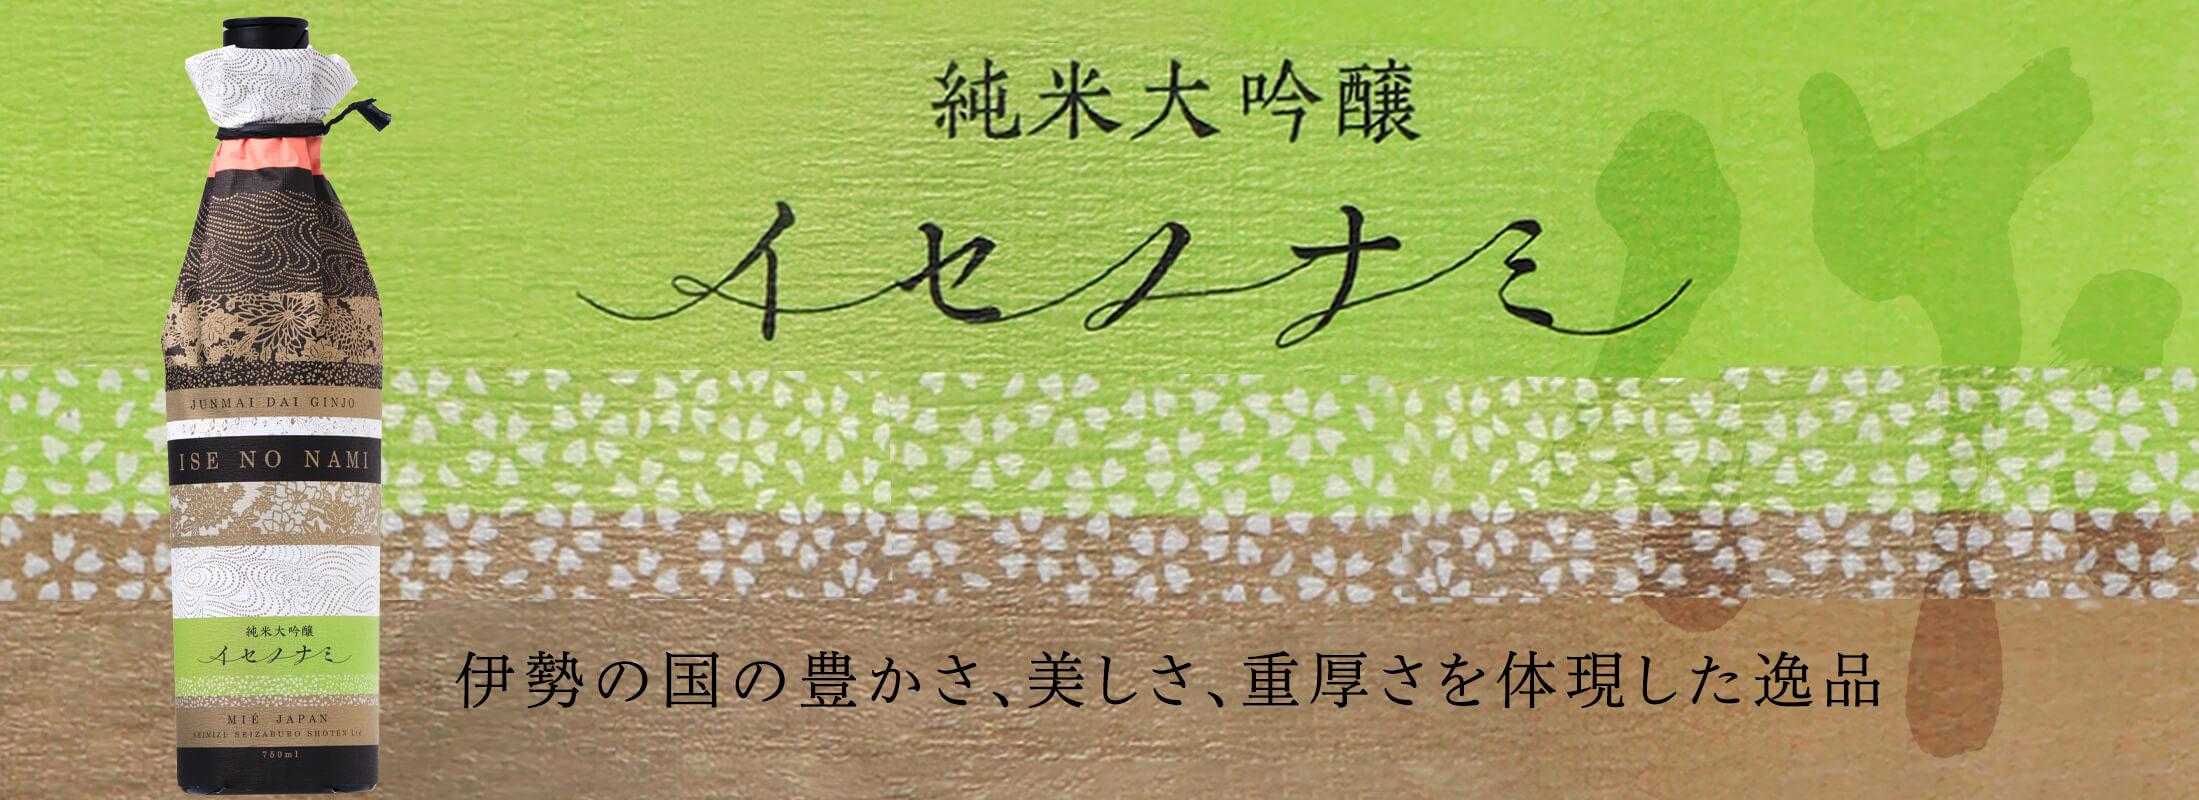 作 純米大吟醸 イセノナミ